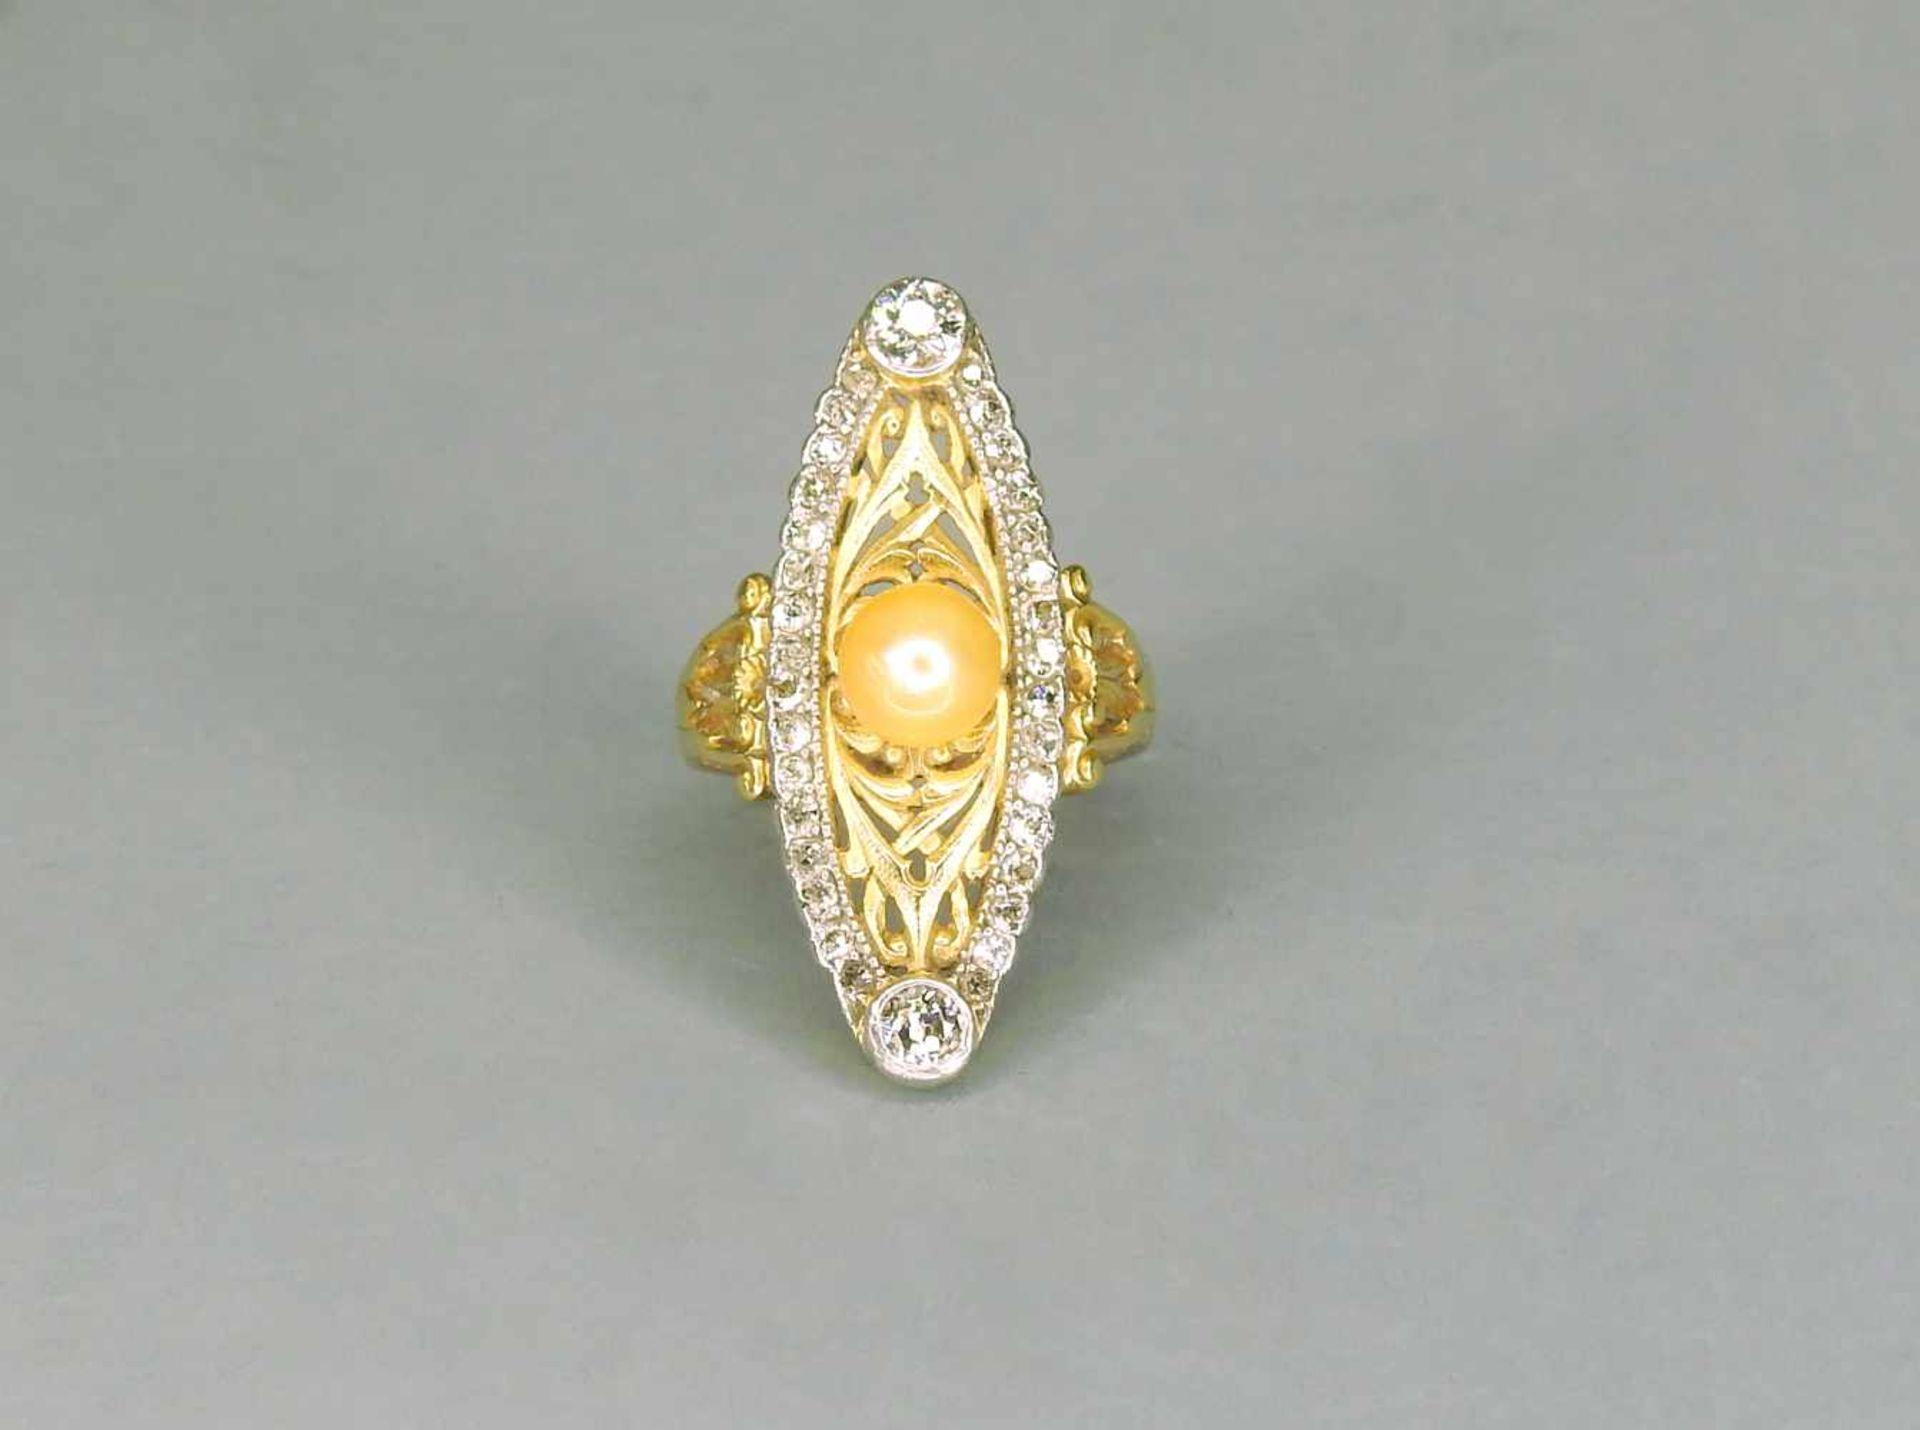 Marquise Perlenring14 K. Gelbgold, mittige Naturwuchsperle flankiert von zusammen ca.